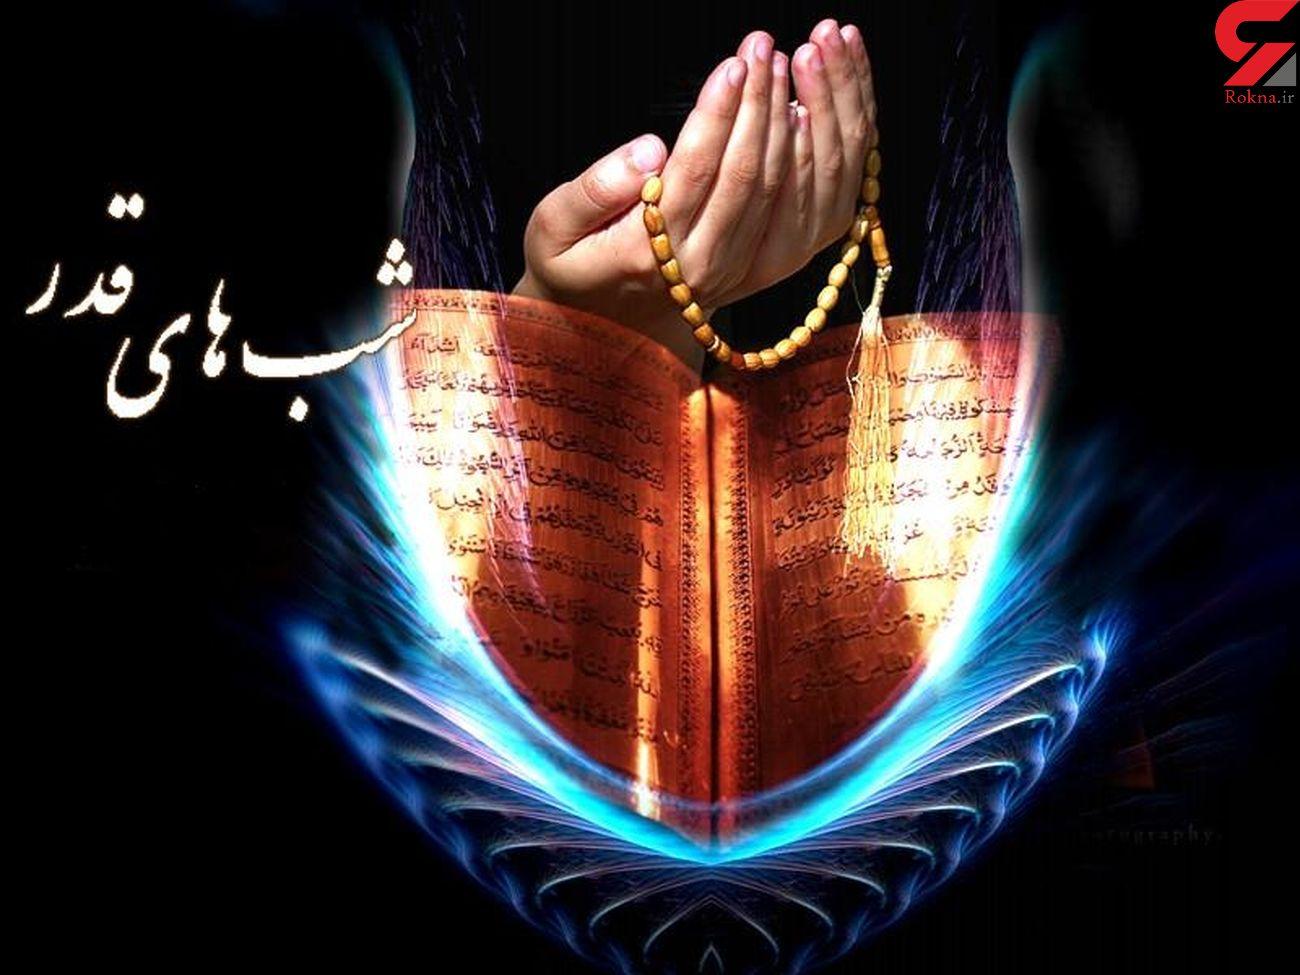 در شب قدر این طور دعا کنید تا مستجاب شود